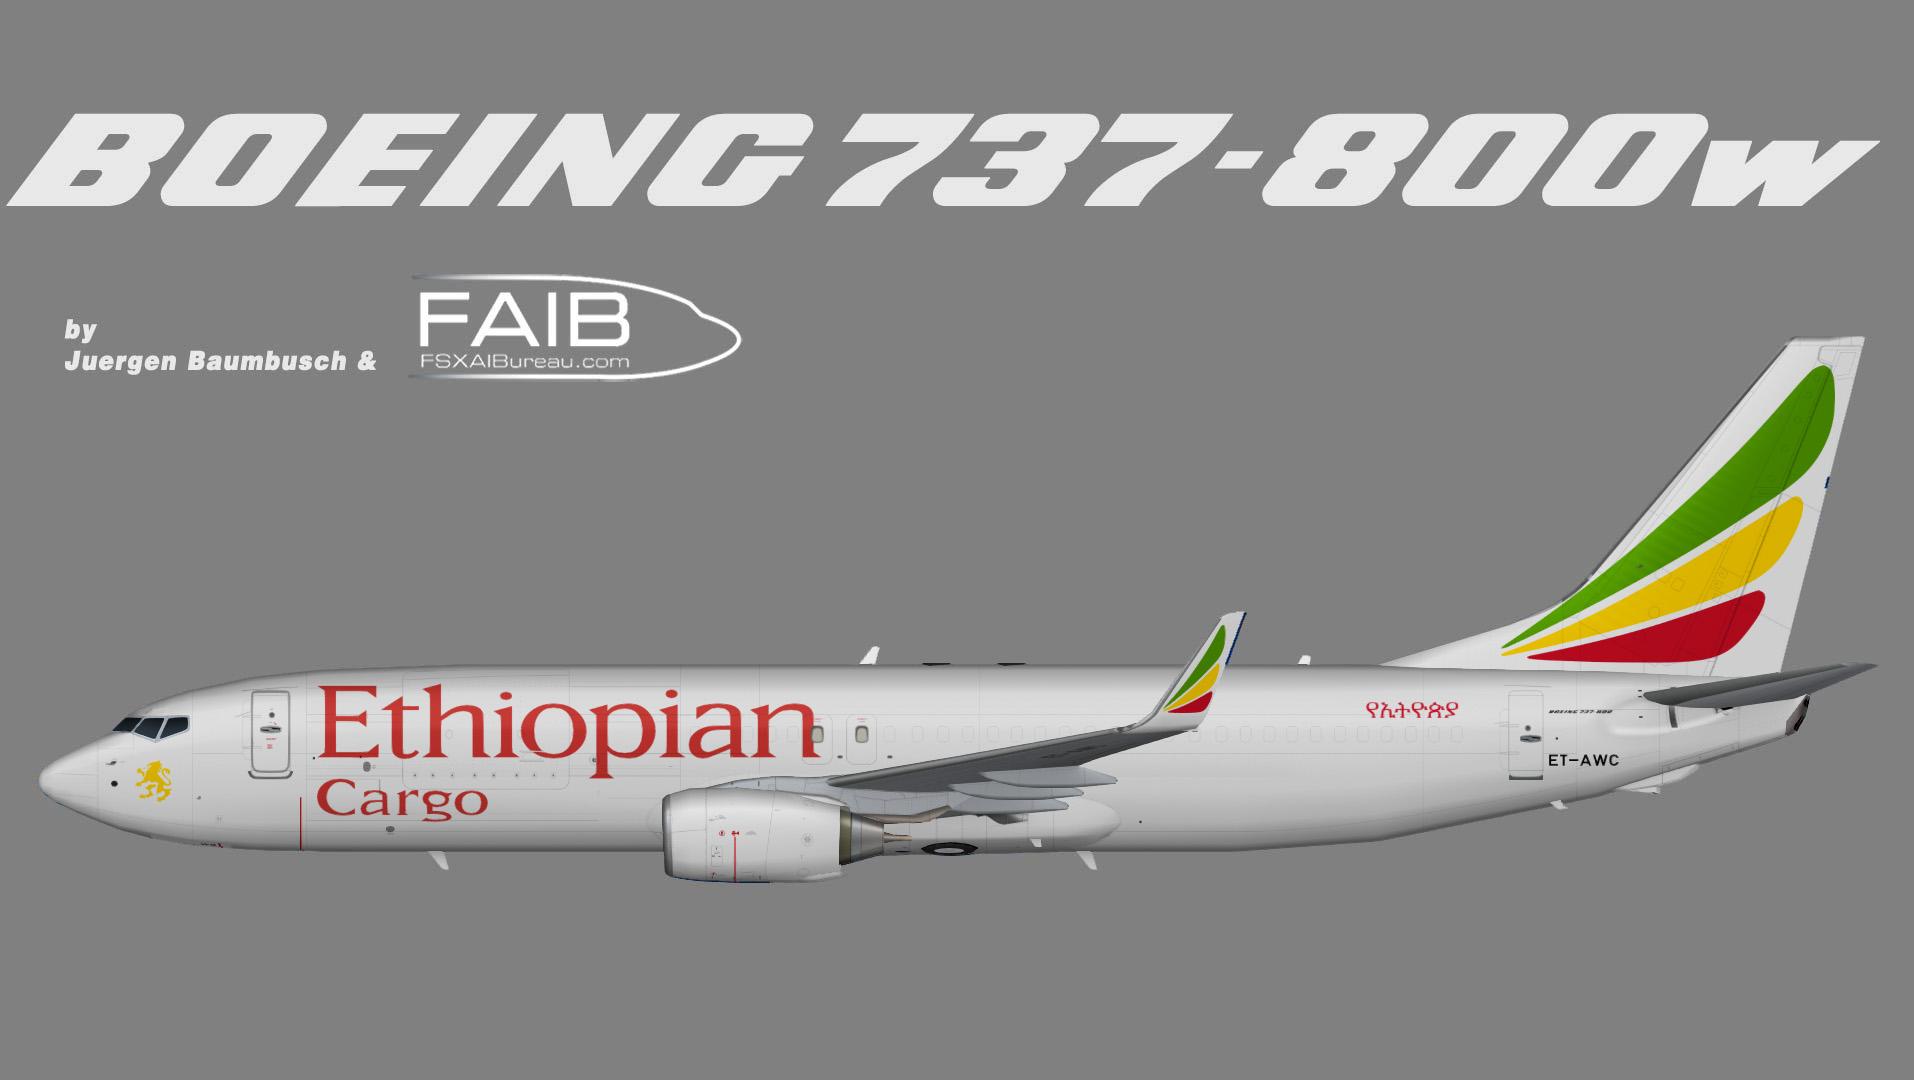 Ethiopian Airlines Cargo Boeing 737-800w (P2F)